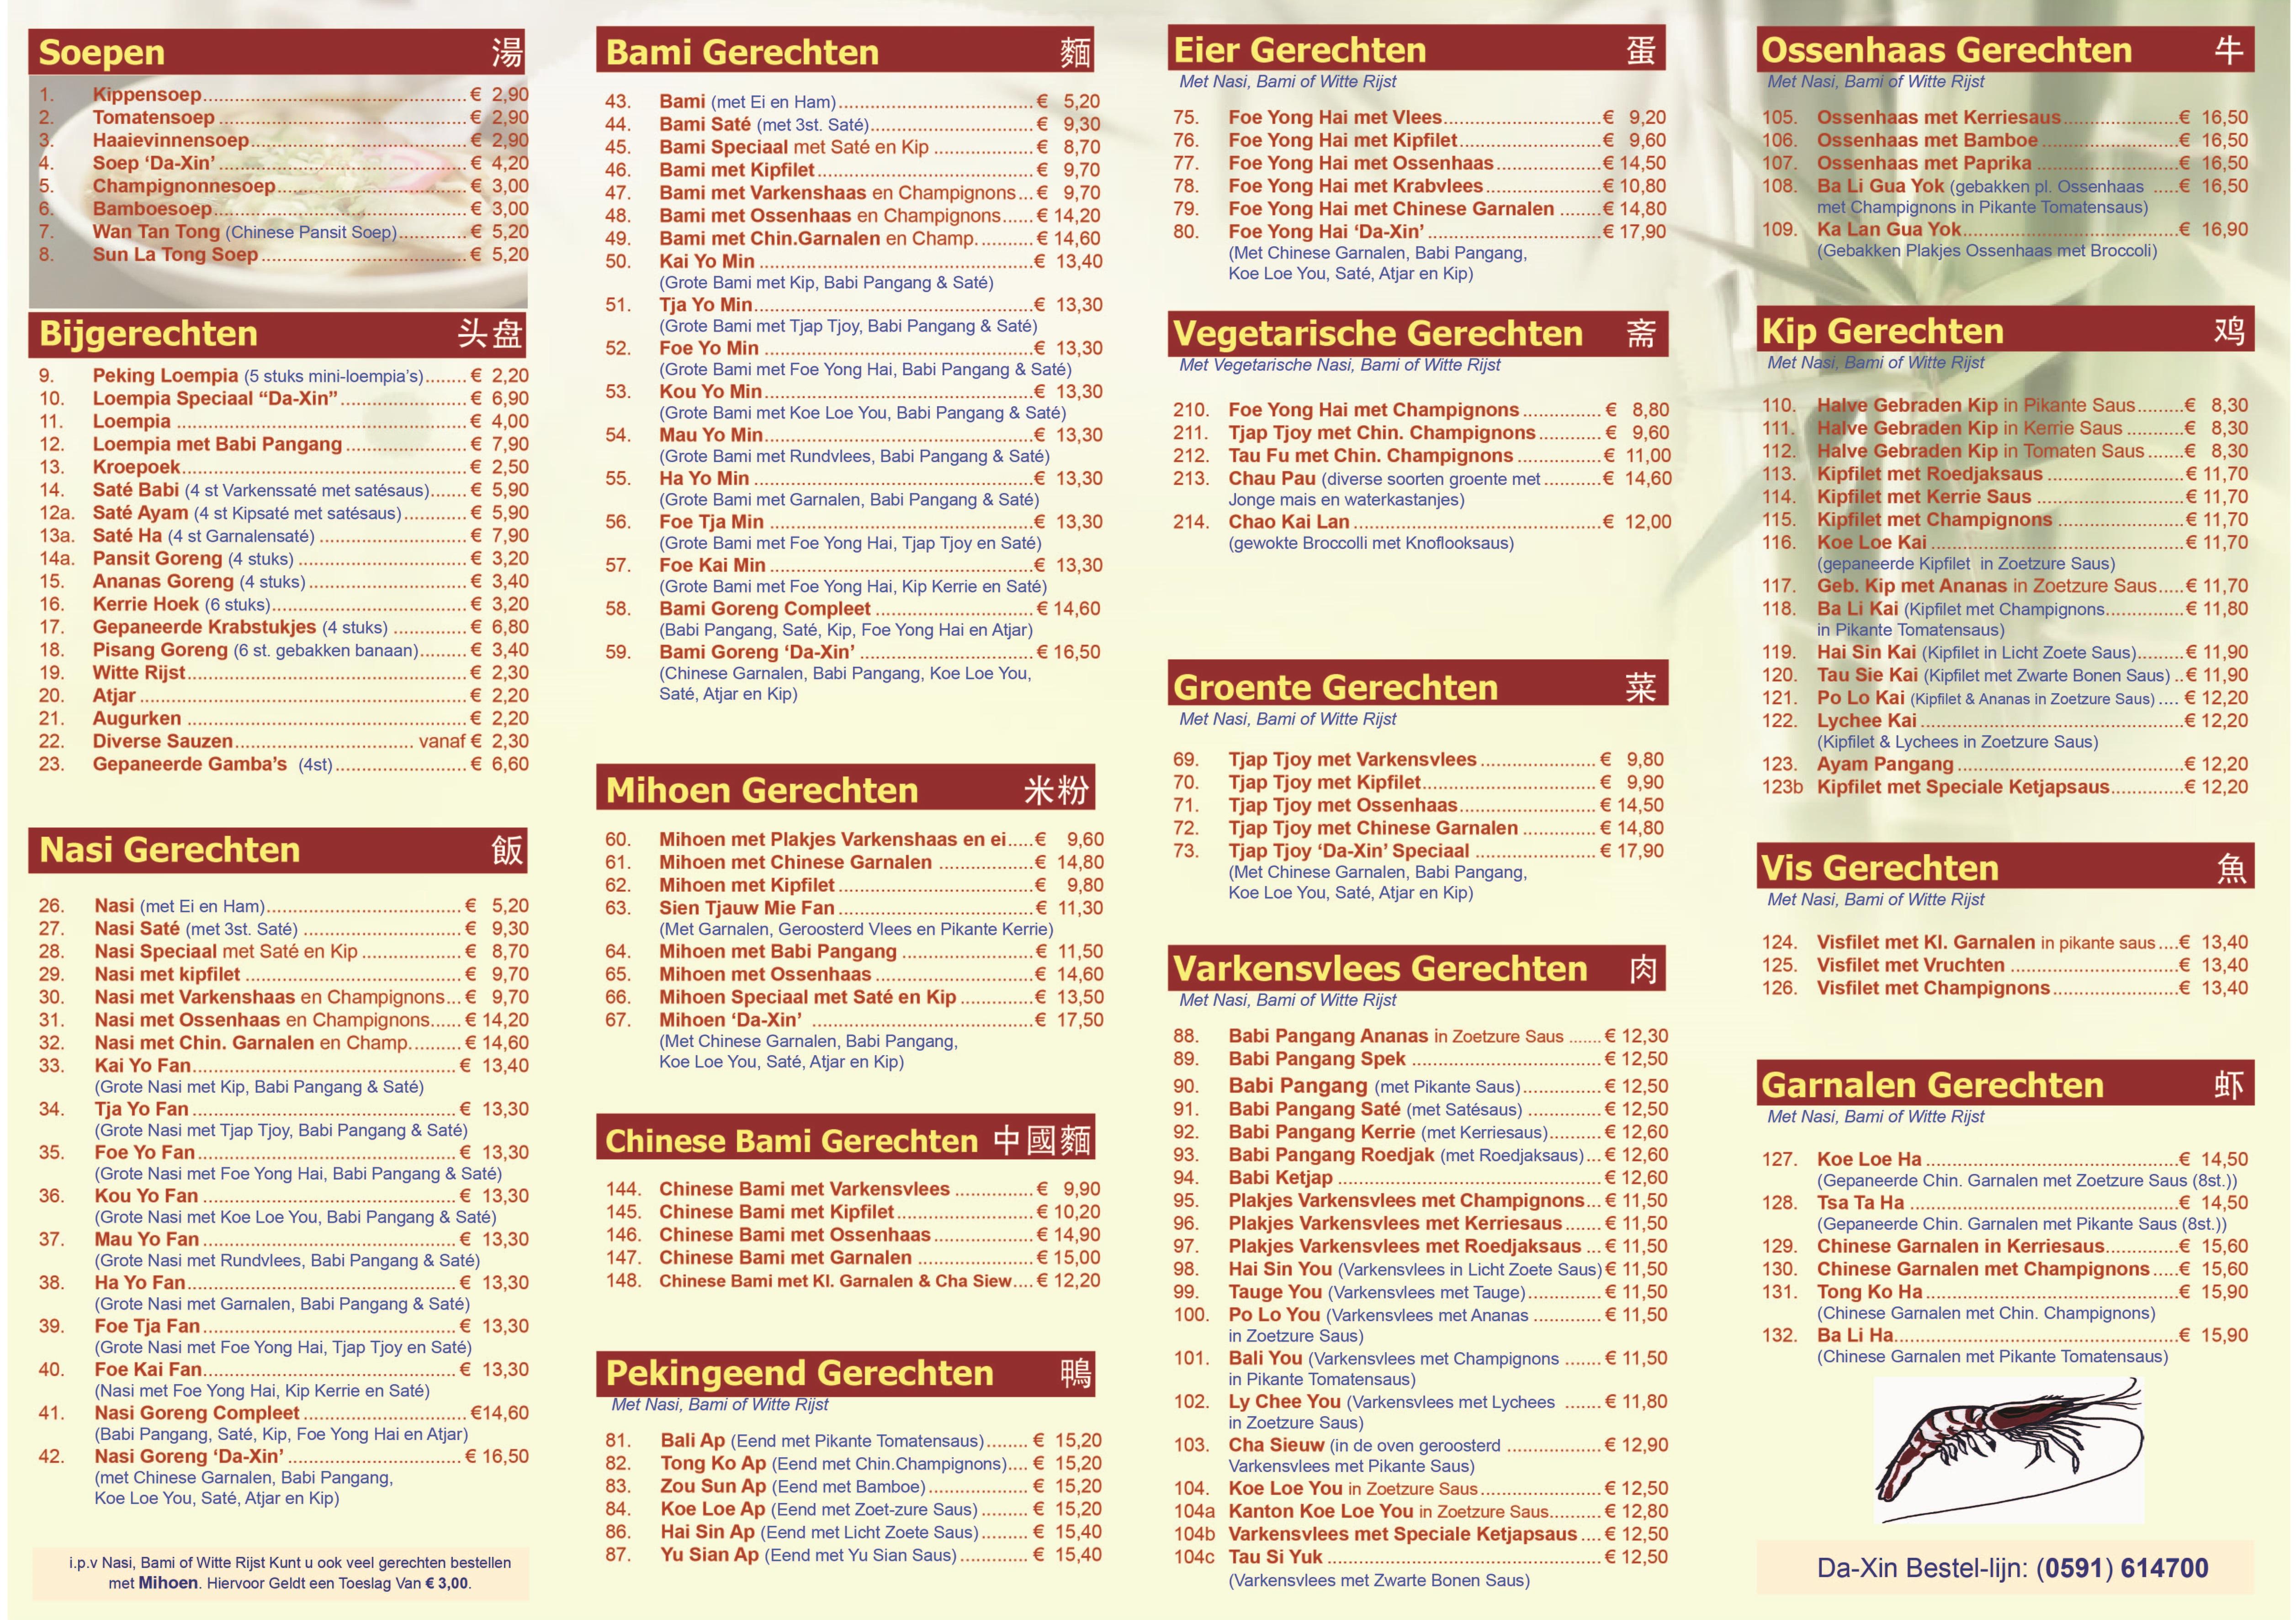 Download de voorkant van de menukaart